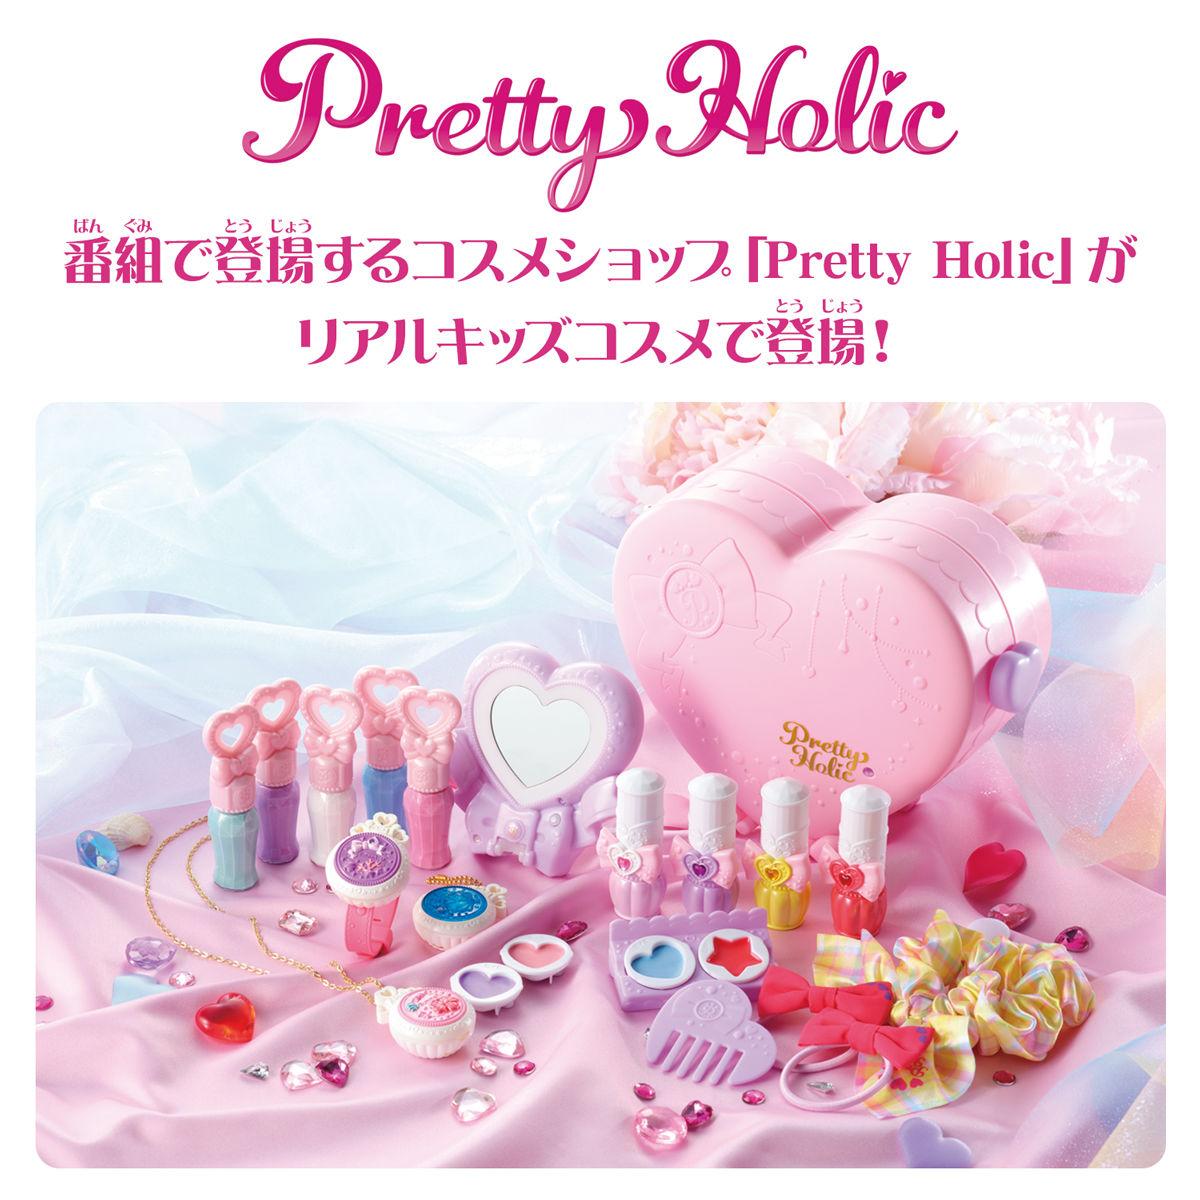 Pretty Holic キュアサマー トロピカルプリティコスメセット